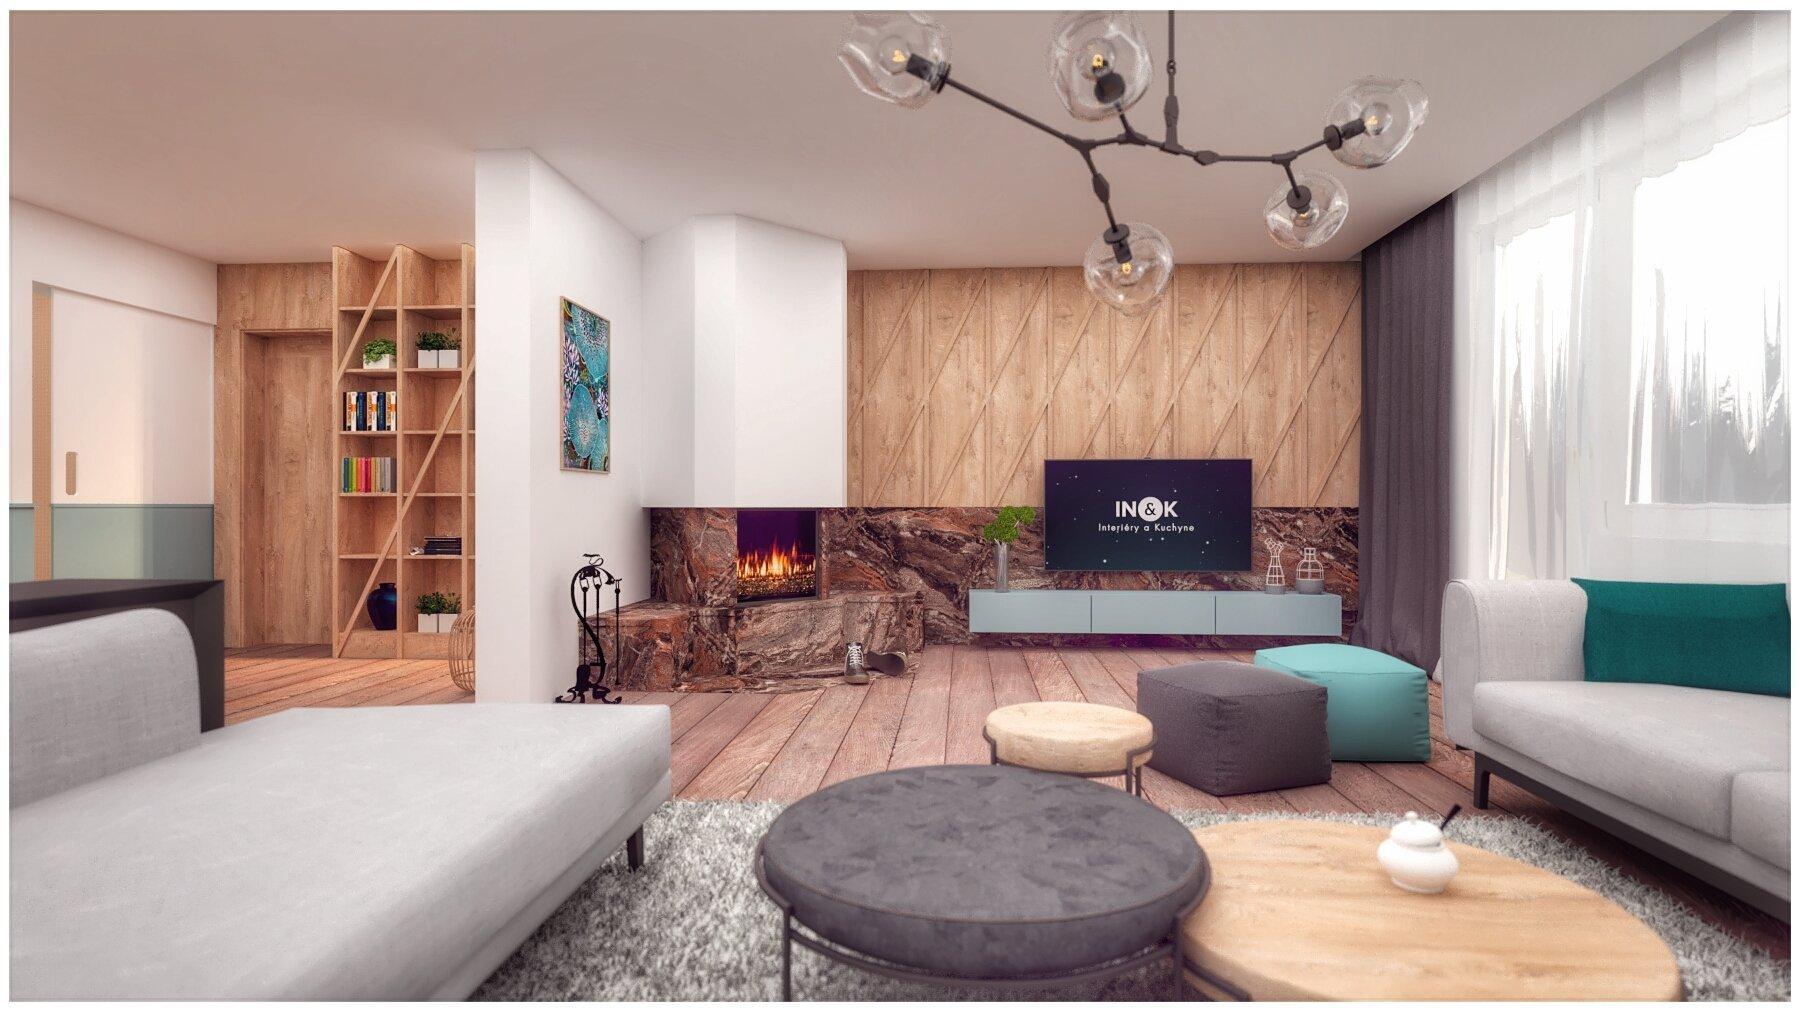 Keby sme chceli tento interiér popísať pár slovami, určite by sme si vybrali tieto: šikmé línie, prírodné materiály, pohoda a hravosť...